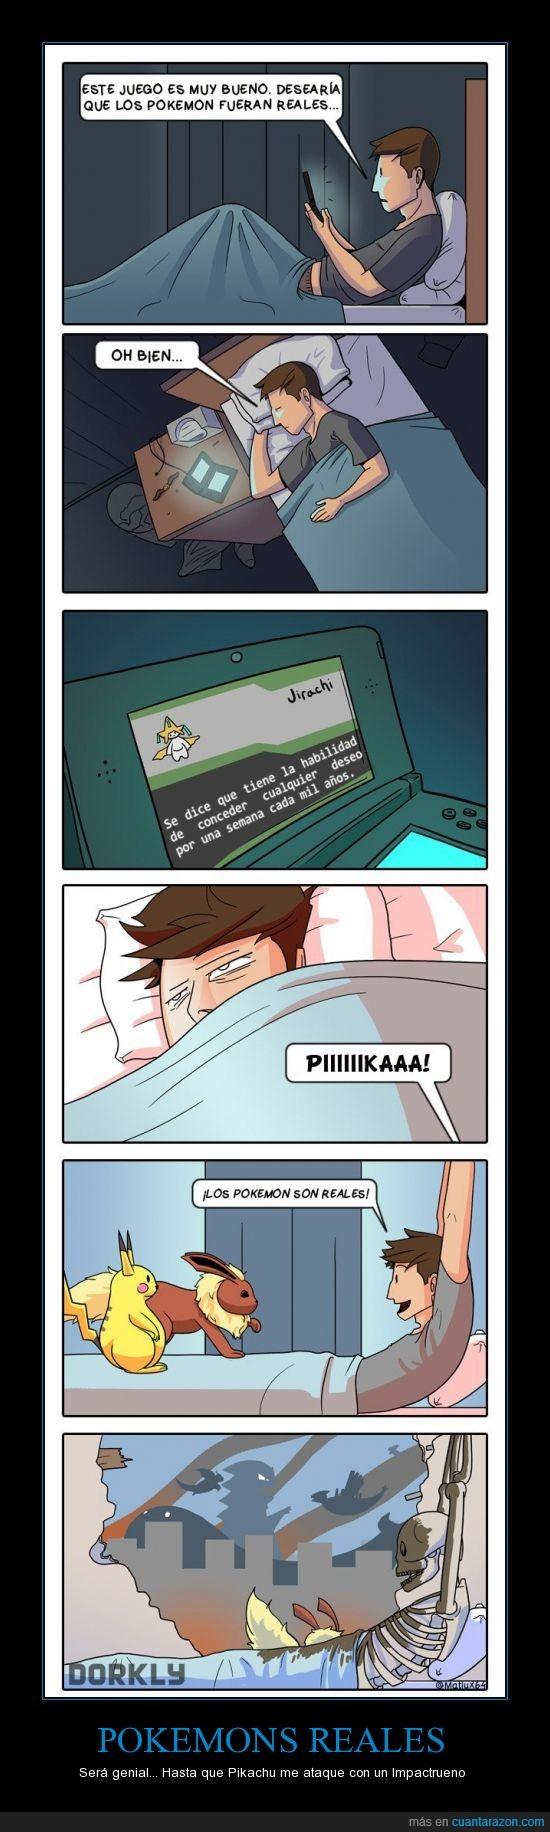 cuidado con lo que deseas,impactrueno,muerte,Pikachu,pokemons,vida real